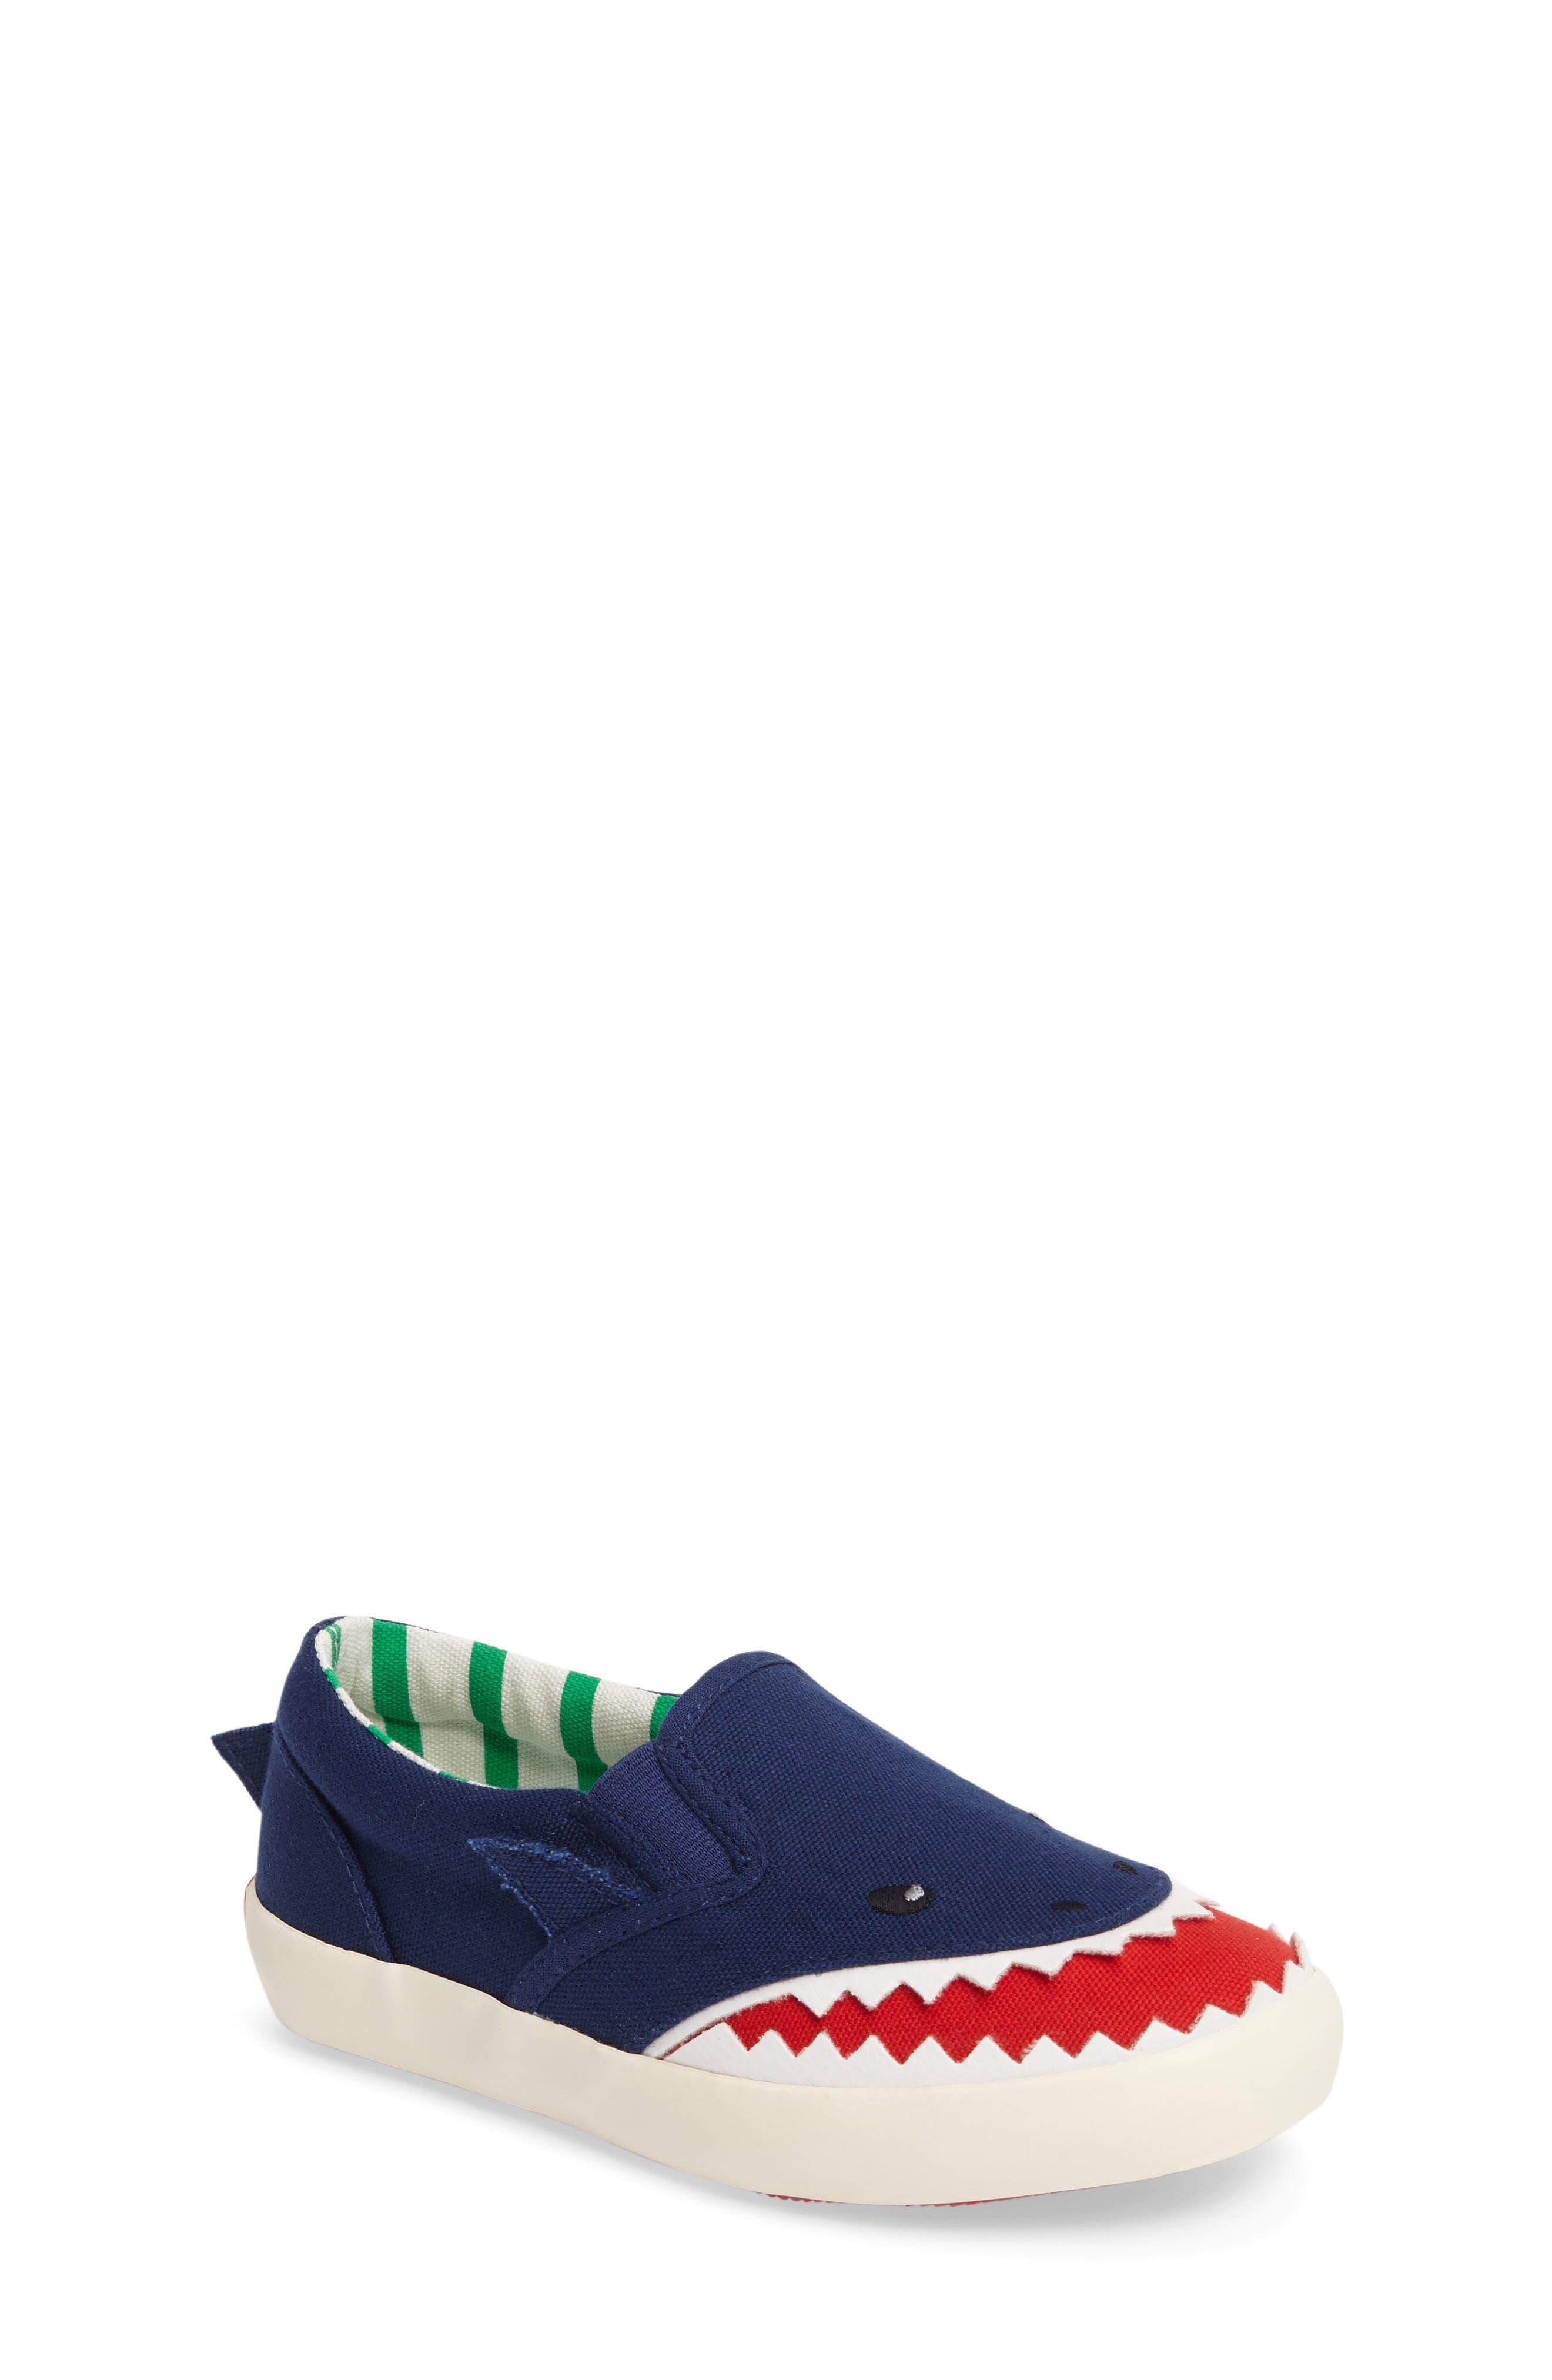 Alternate Image 1 Selected - Mini Boden Slip-On Sneaker (Toddler, Little Kid & Big Kid)